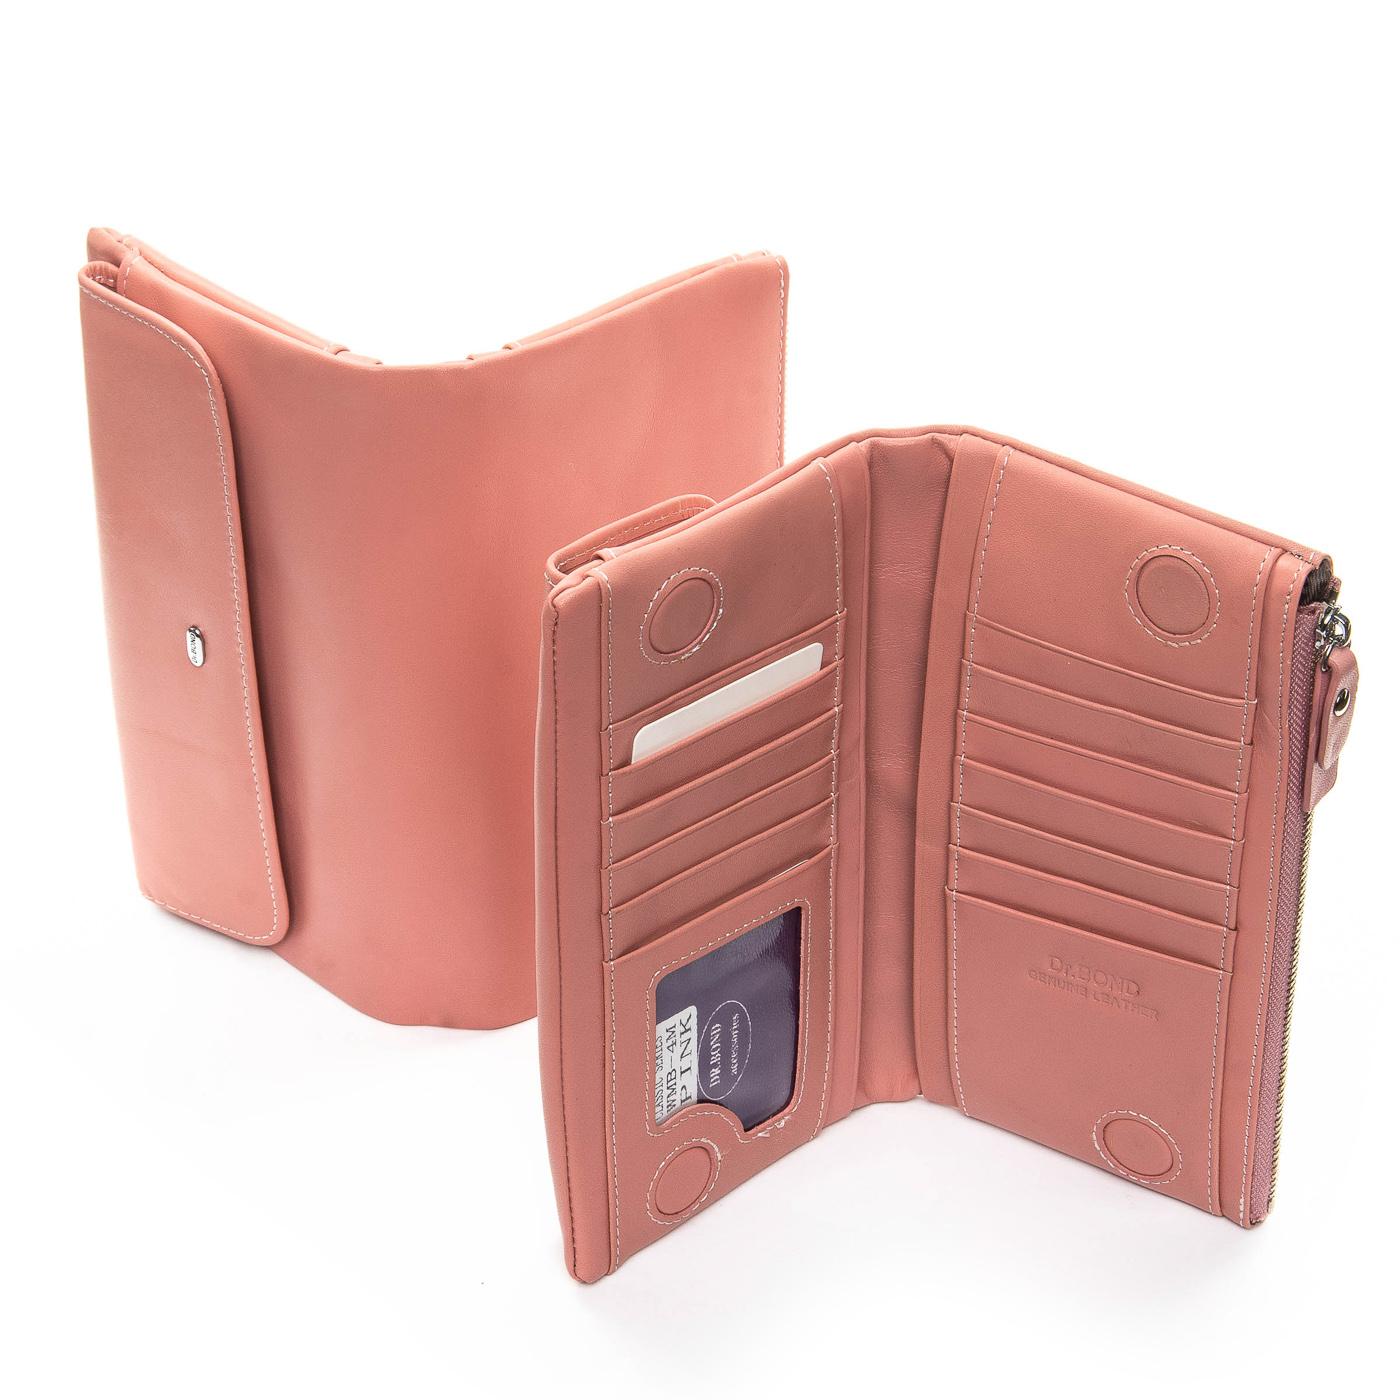 Кошелек Classic кожа DR. BOND WMB-4M pink - фото 4